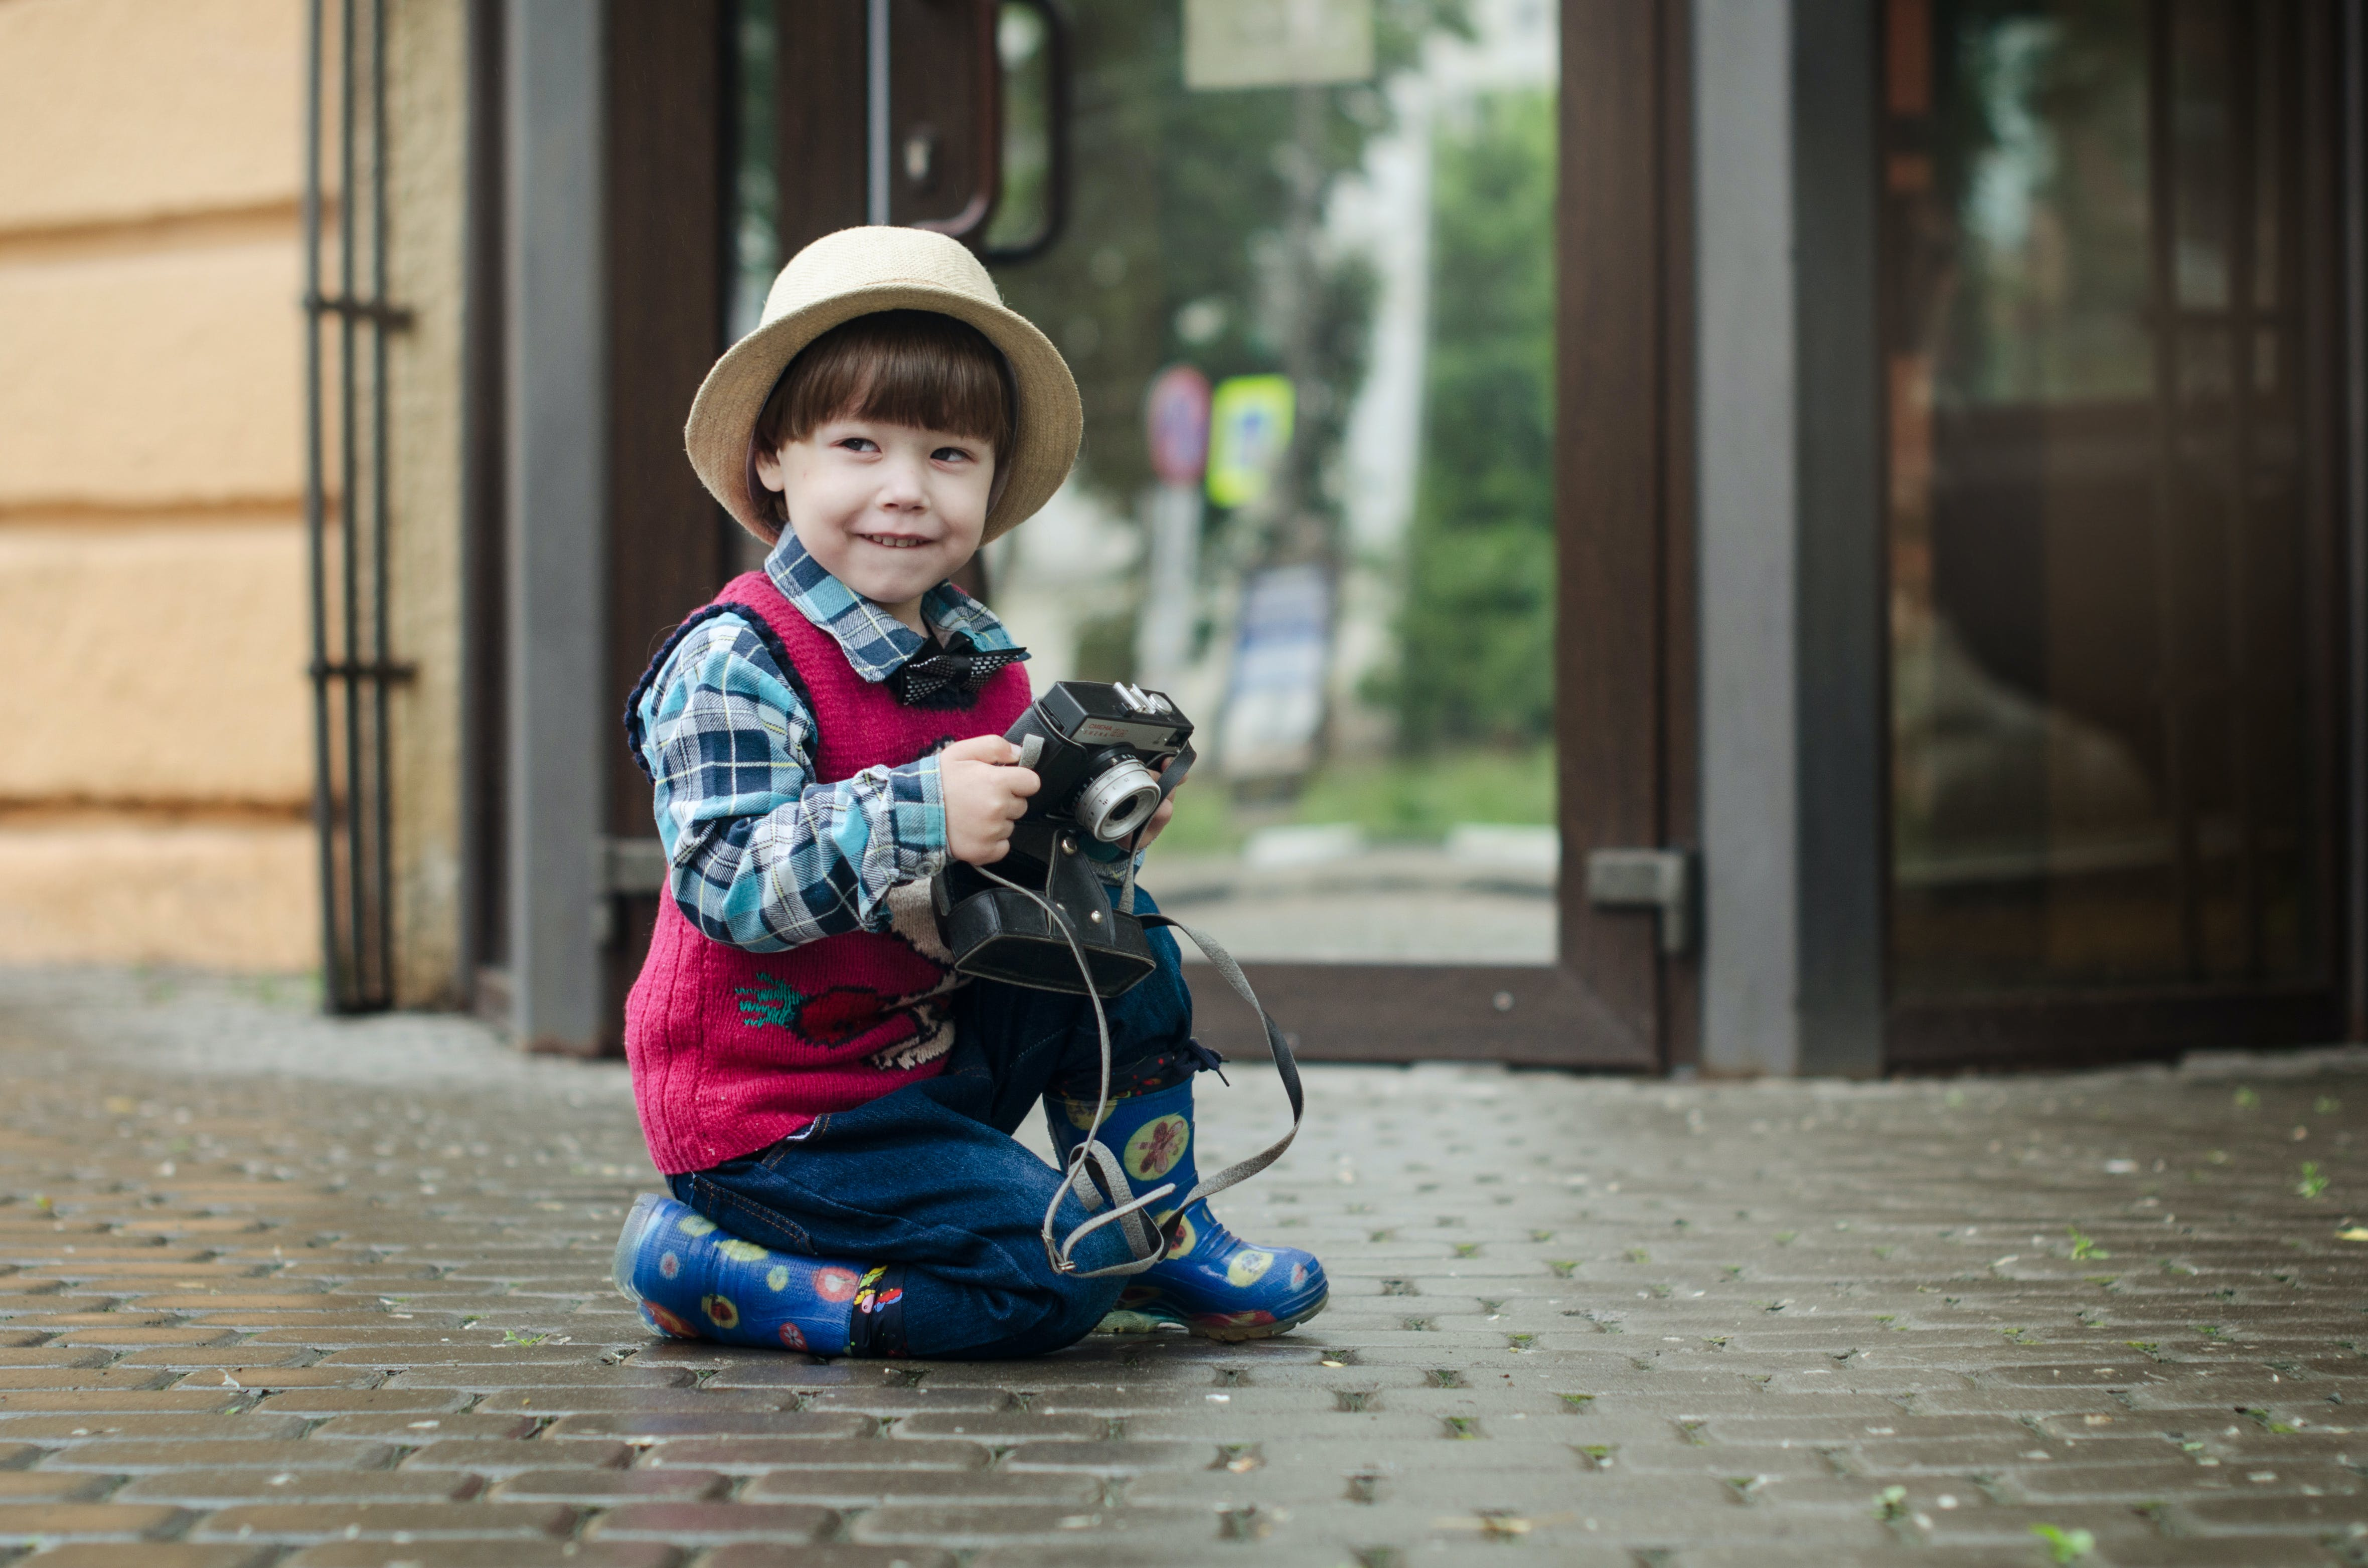 aşındırmak, bakmak, bardak, bebek içeren Ücretsiz stok fotoğraf